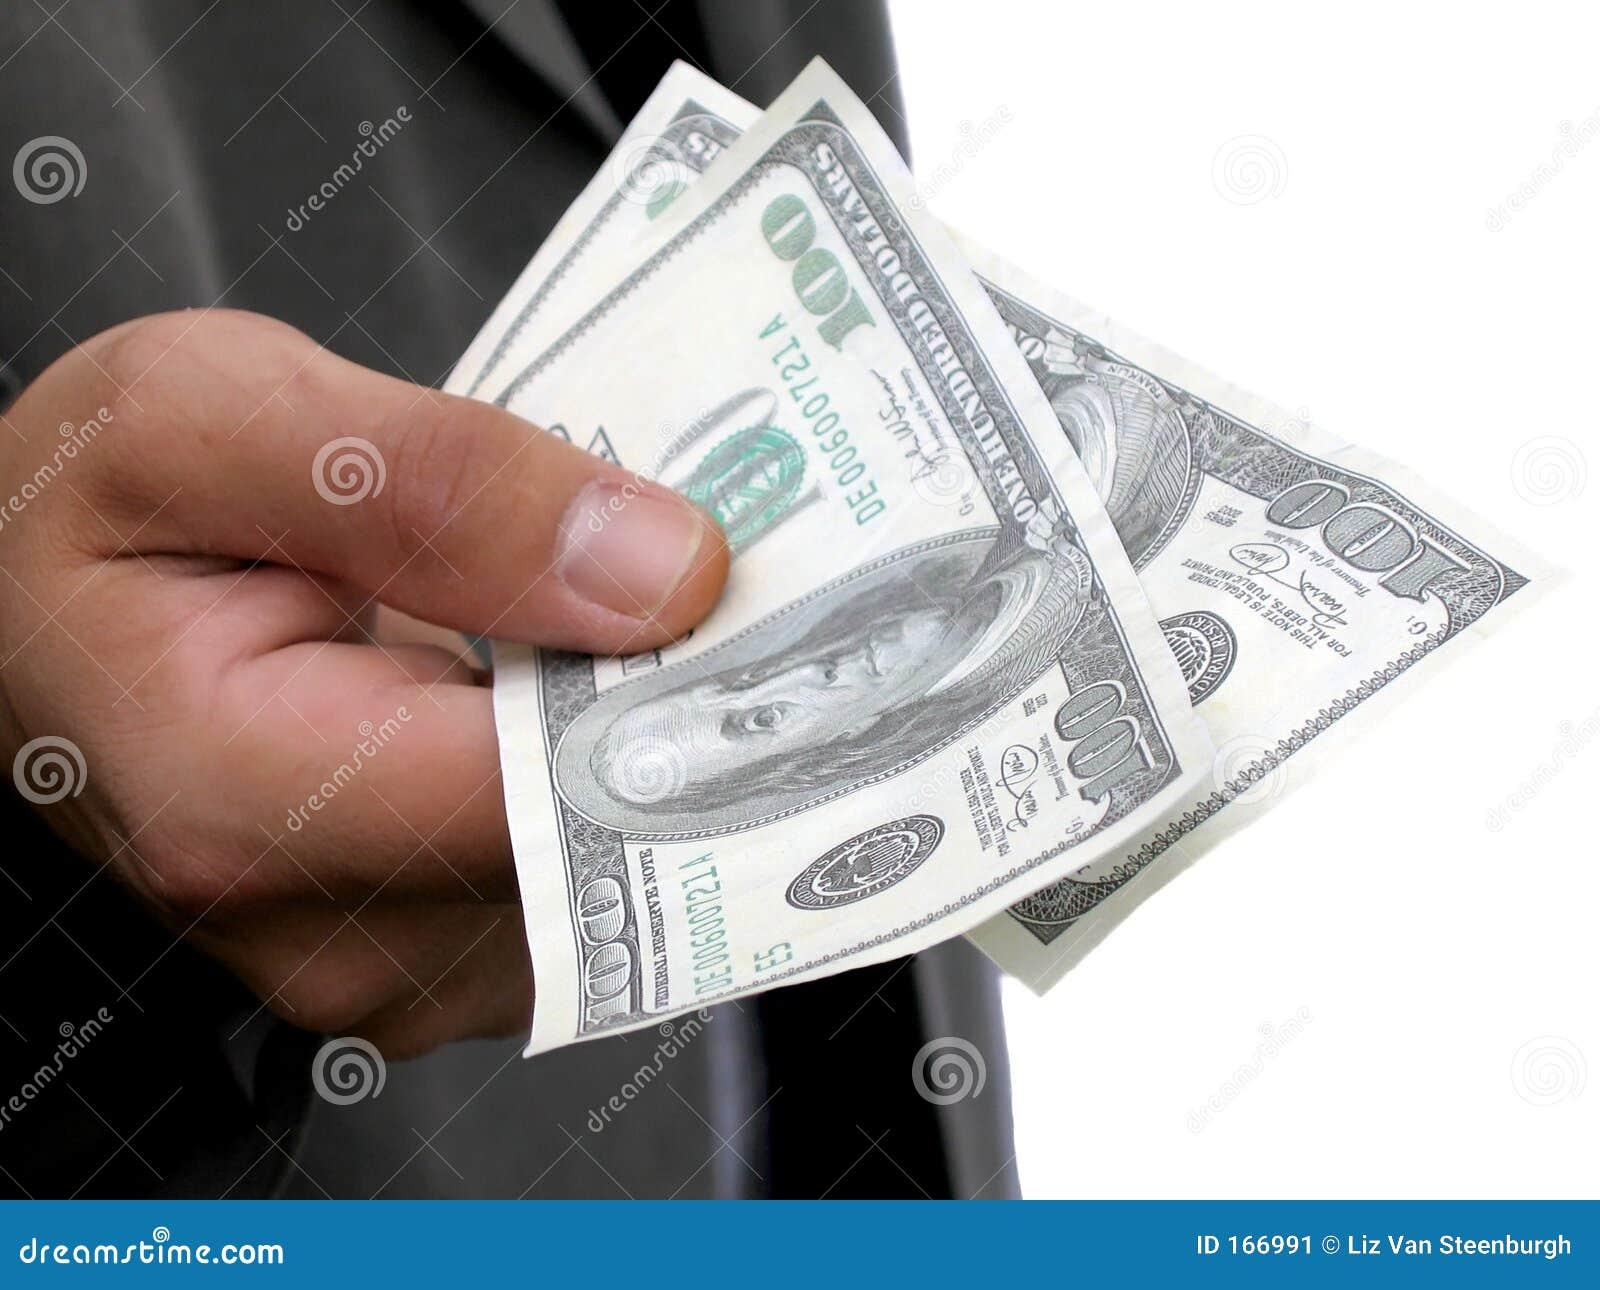 I ll Pay Cash